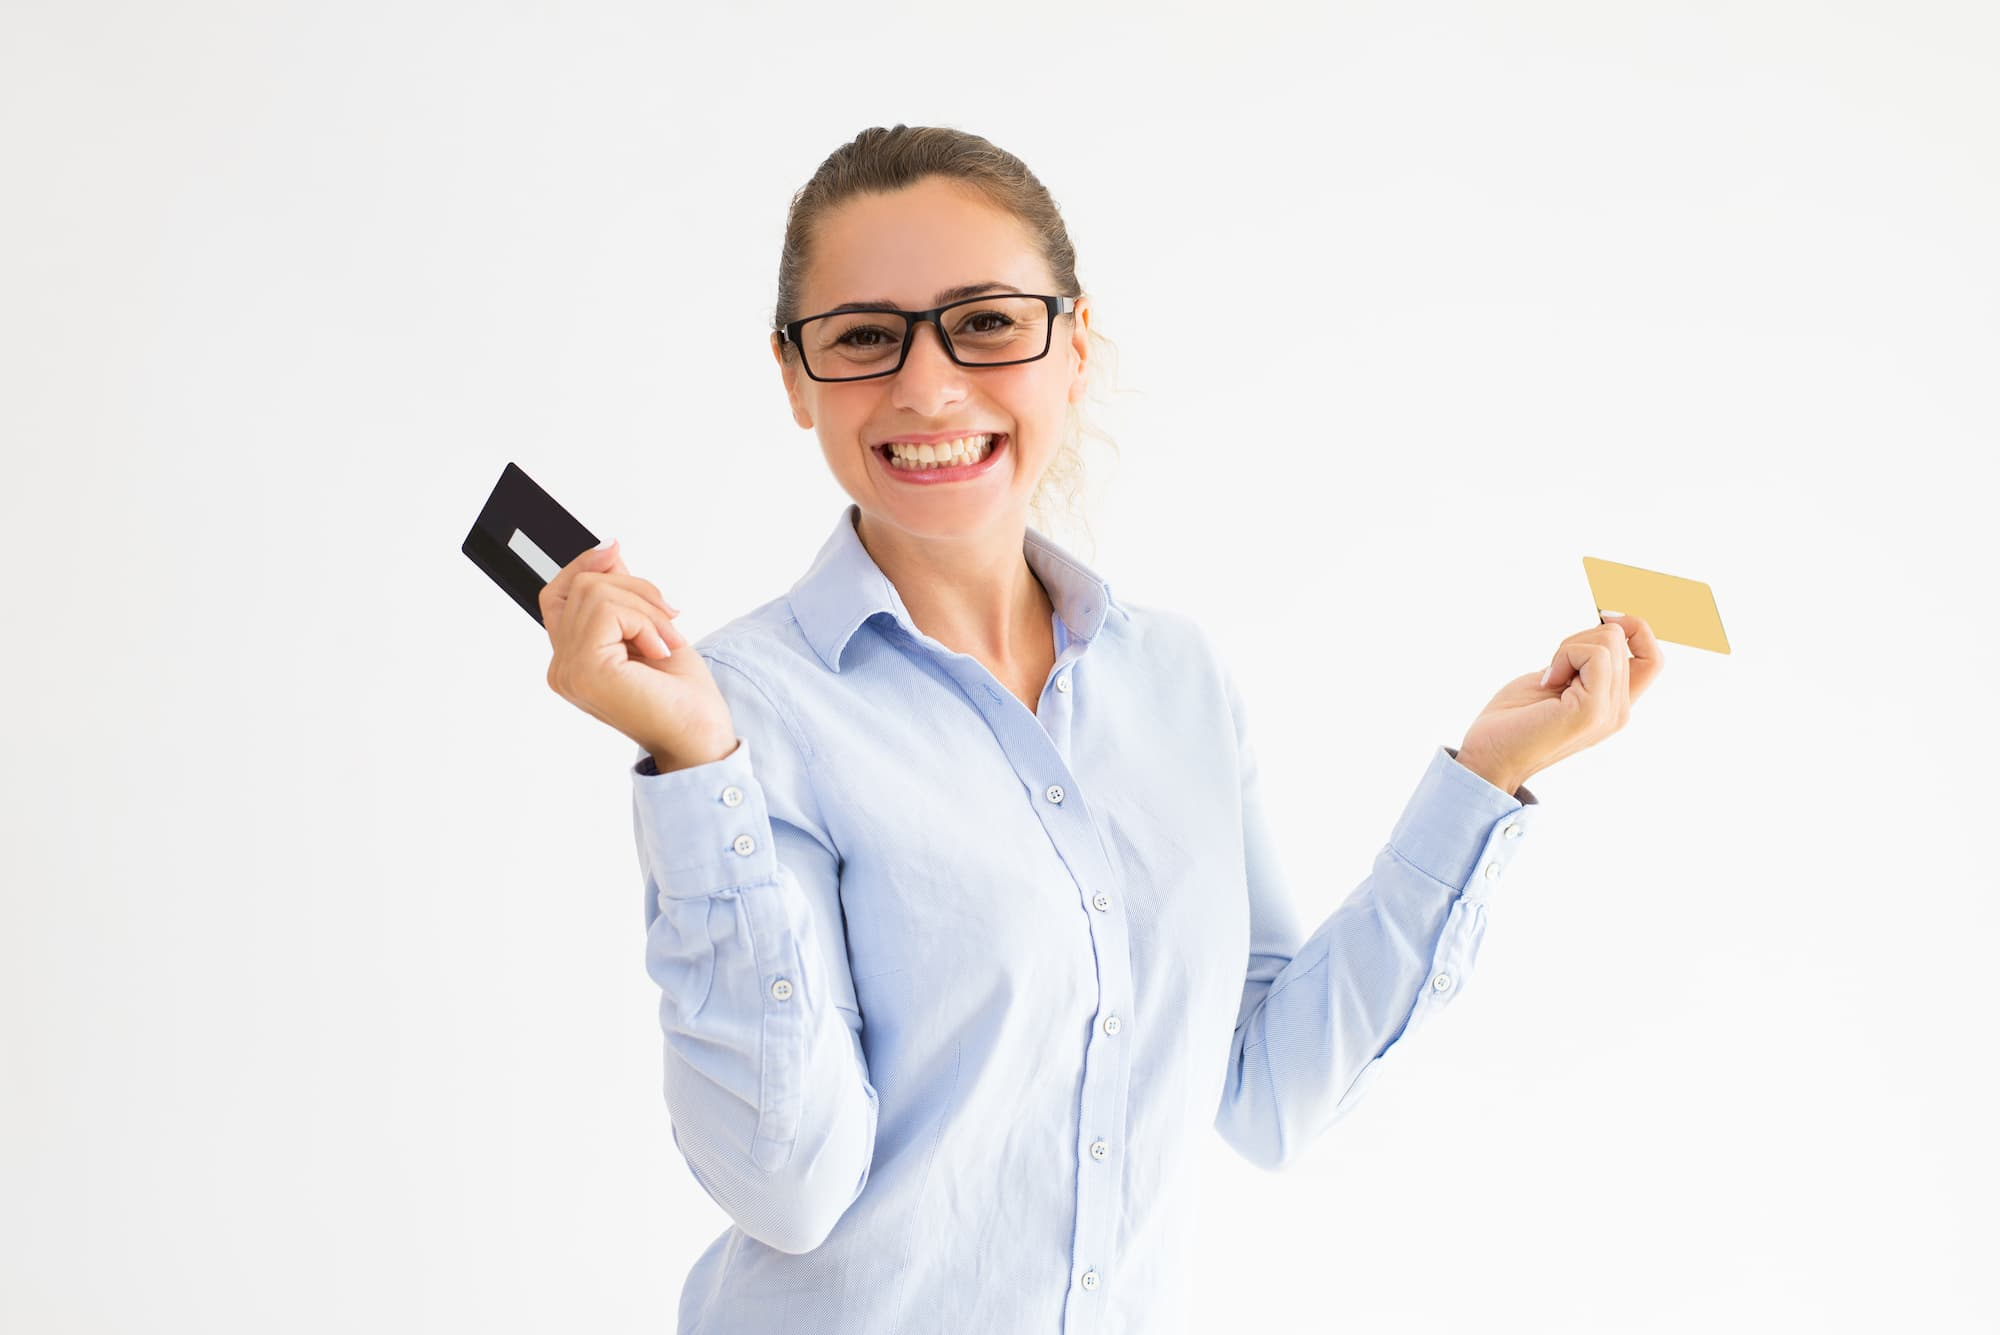 Retail kassasysteem met klantkaart mogelijkheden